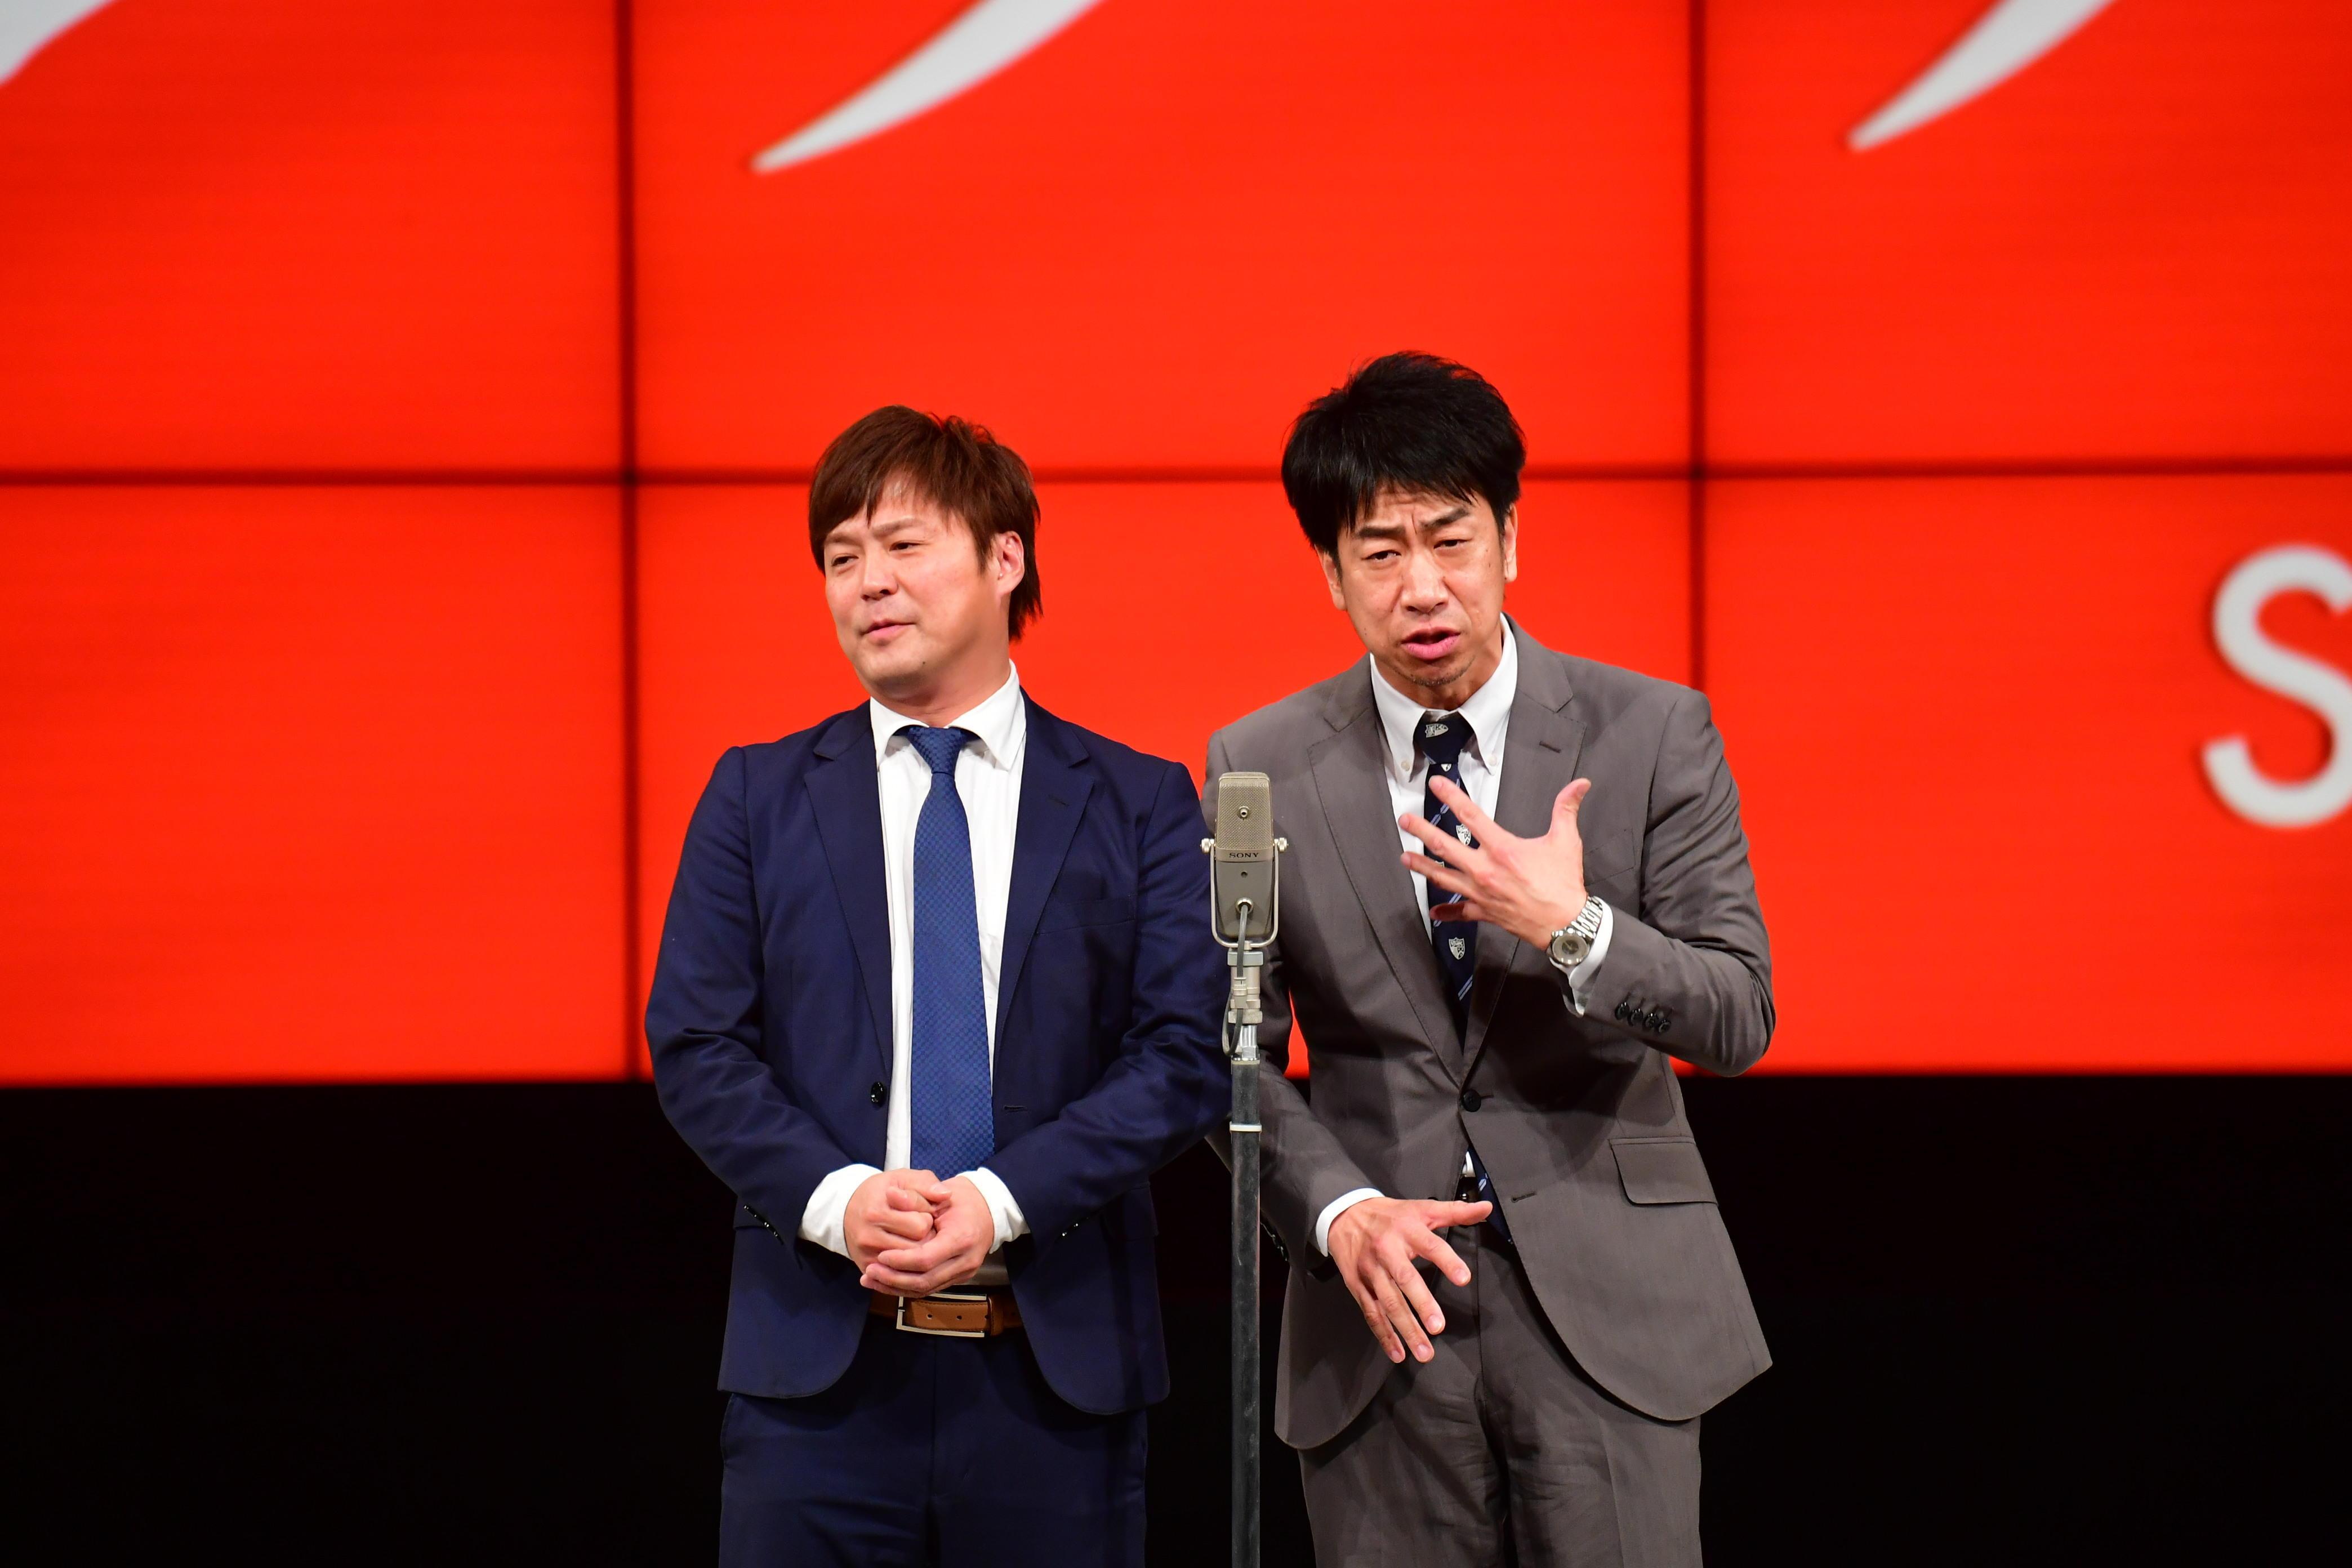 http://news.yoshimoto.co.jp/20190128185951-d8a08e55a0876e2f398377f64c912eb52e9db87f.jpg